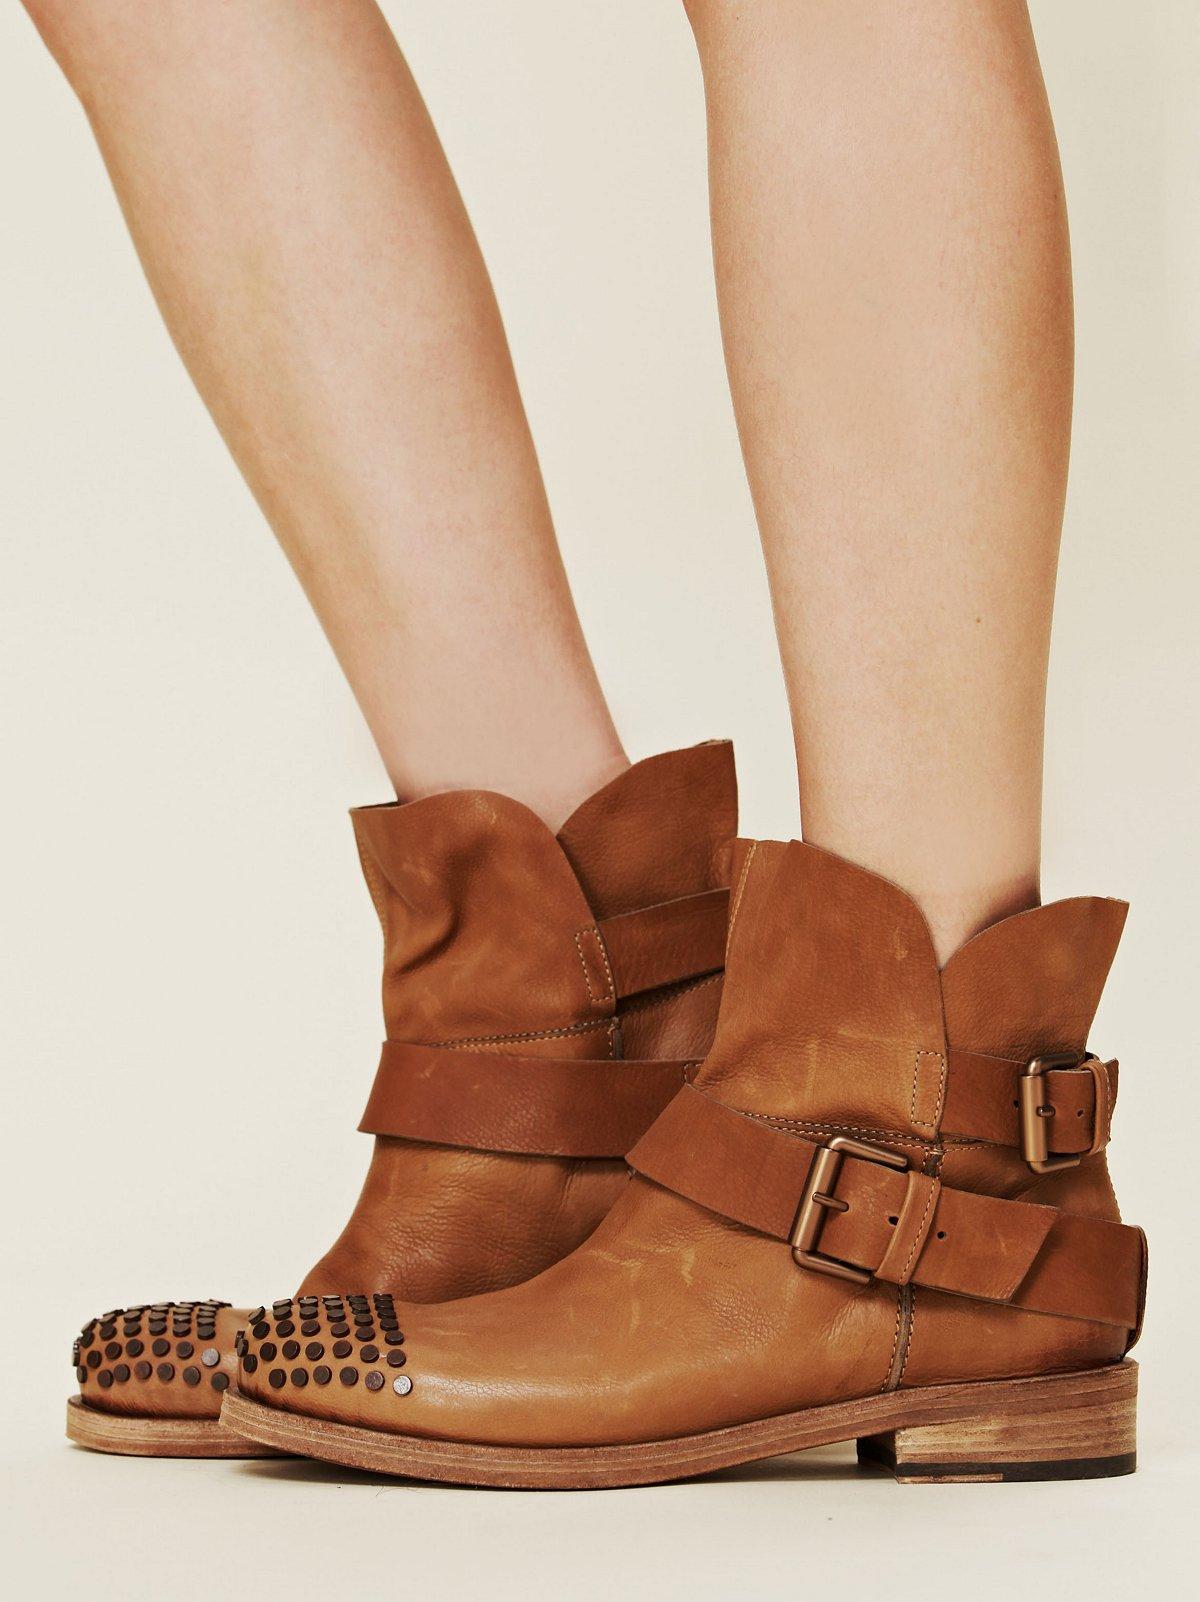 Skye Studded Boot